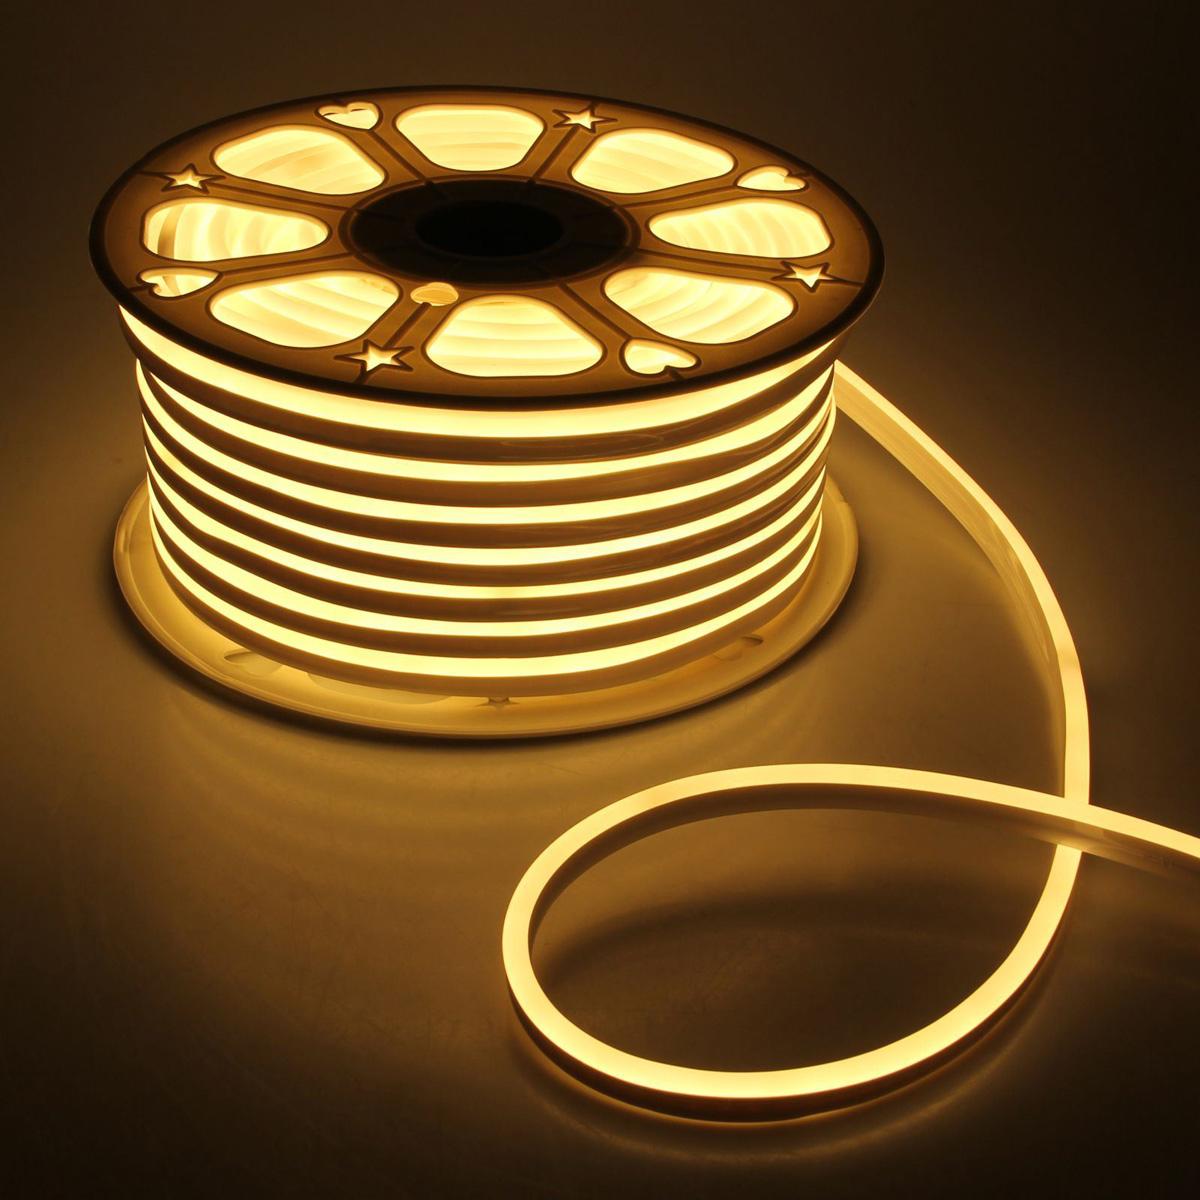 Гирлянда светодиодная Luazon, 120 ламп, 220 V, цвет: теплый белый, 0,8 см х 1,6 см х 50 м. 14312601431260Светодиодные гирлянды, ленты и т.д — это отличный вариант для новогоднего оформления интерьера или фасада. С их помощью помещение любого размера можно превратить в праздничный зал, а внешние элементы зданий, украшенные ими, мгновенно станут напоминать очертания сказочного дворца. Такие украшения создают ауру предвкушения чуда. Деревья, фасады, витрины, окна и арки будто специально созданы, чтобы вы украсили их светящимися нитями.